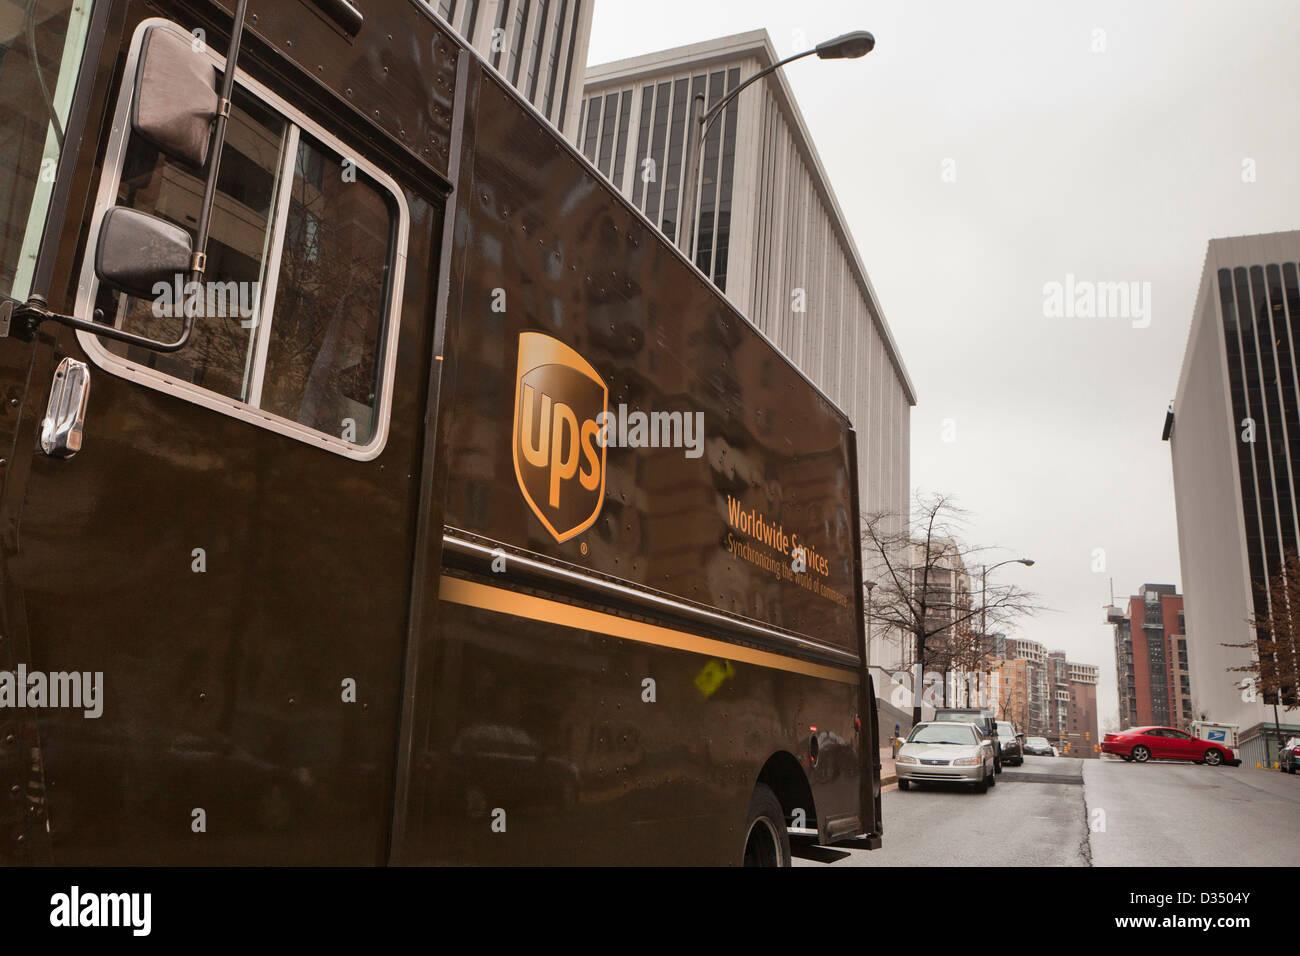 Consegna UPS carrello Immagini Stock